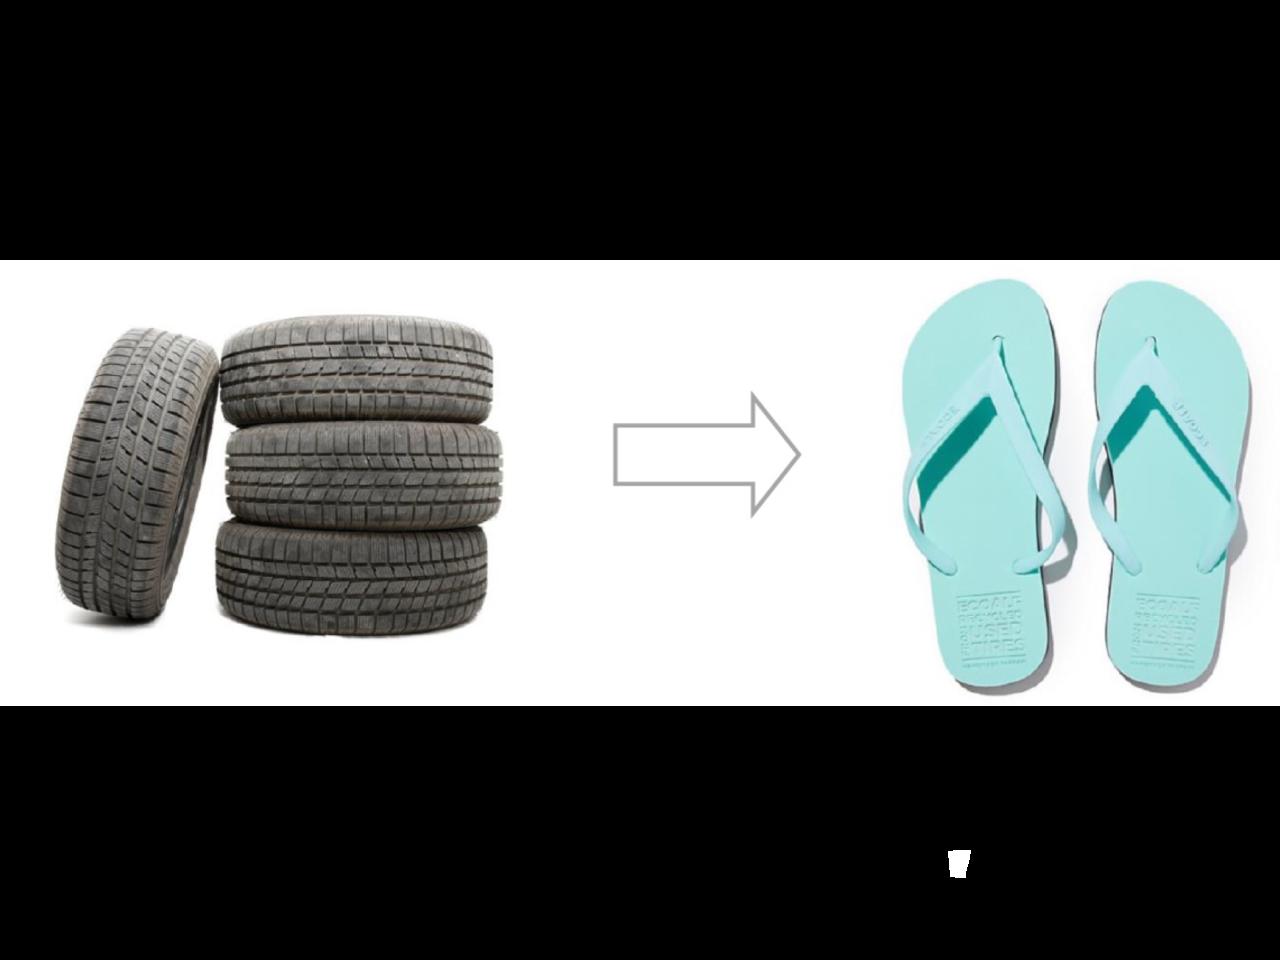 ヨーロッパ発。廃棄タイヤをリサイクル